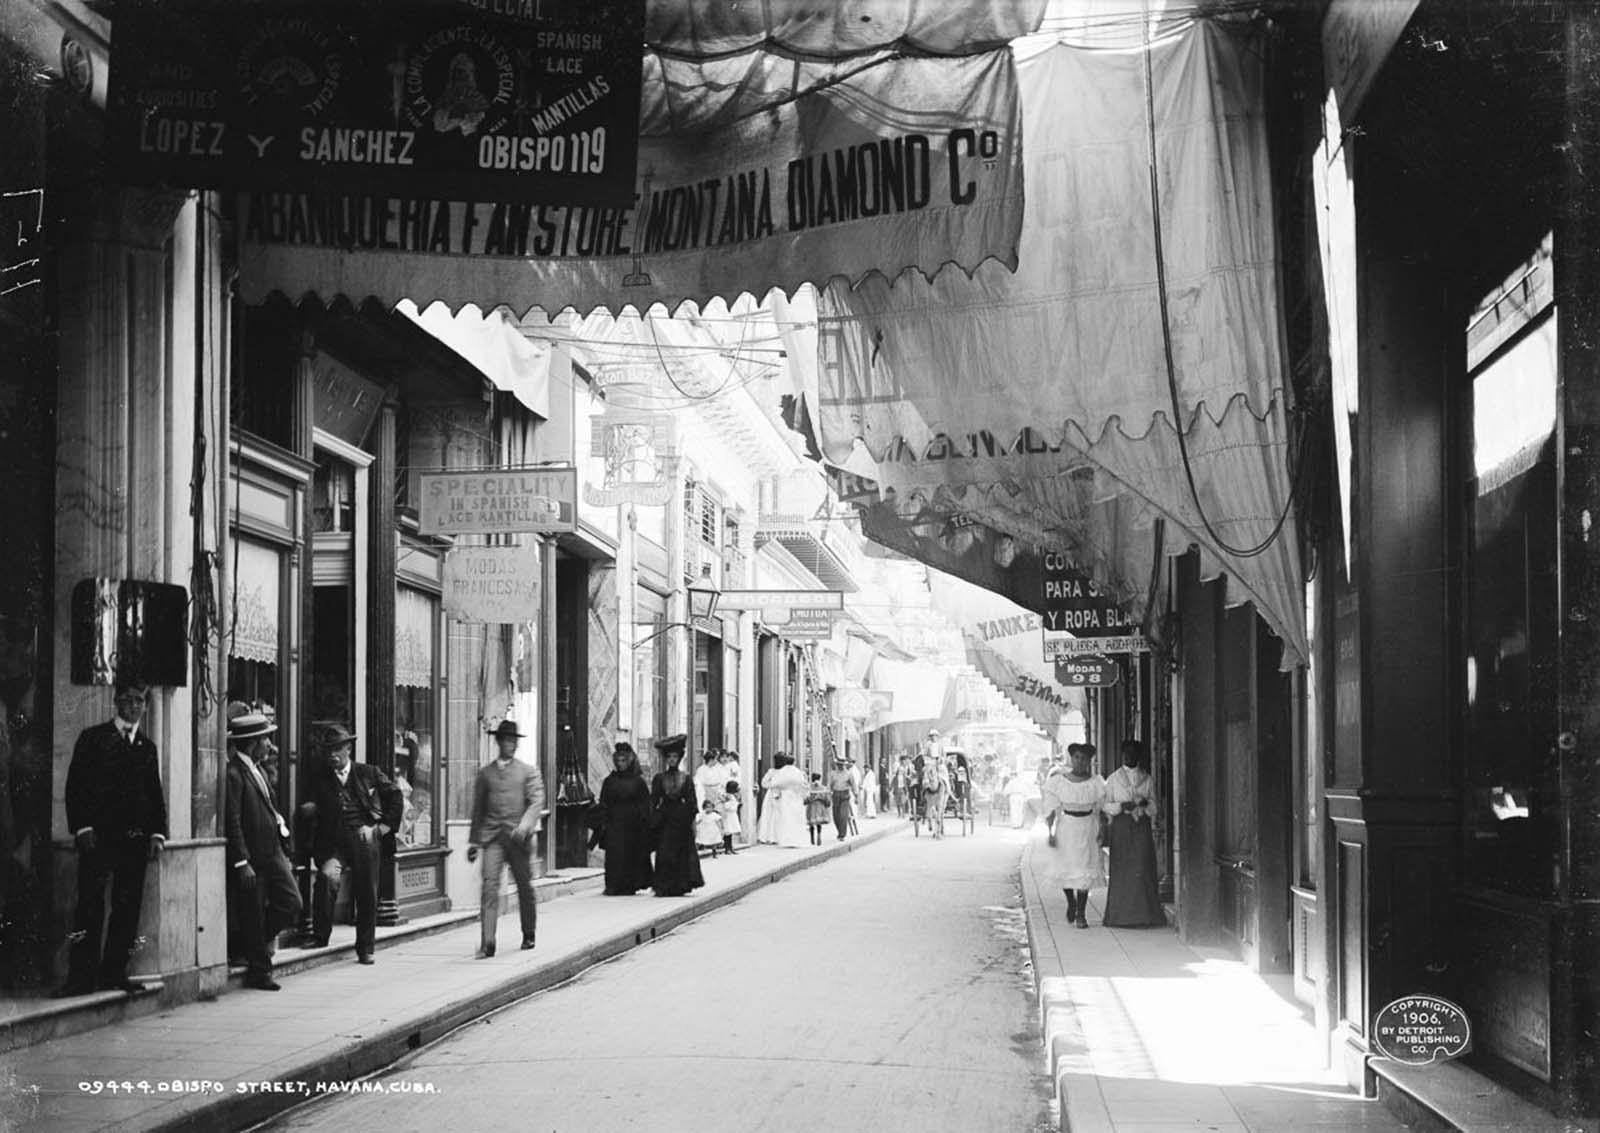 Obispo Street. 1906.